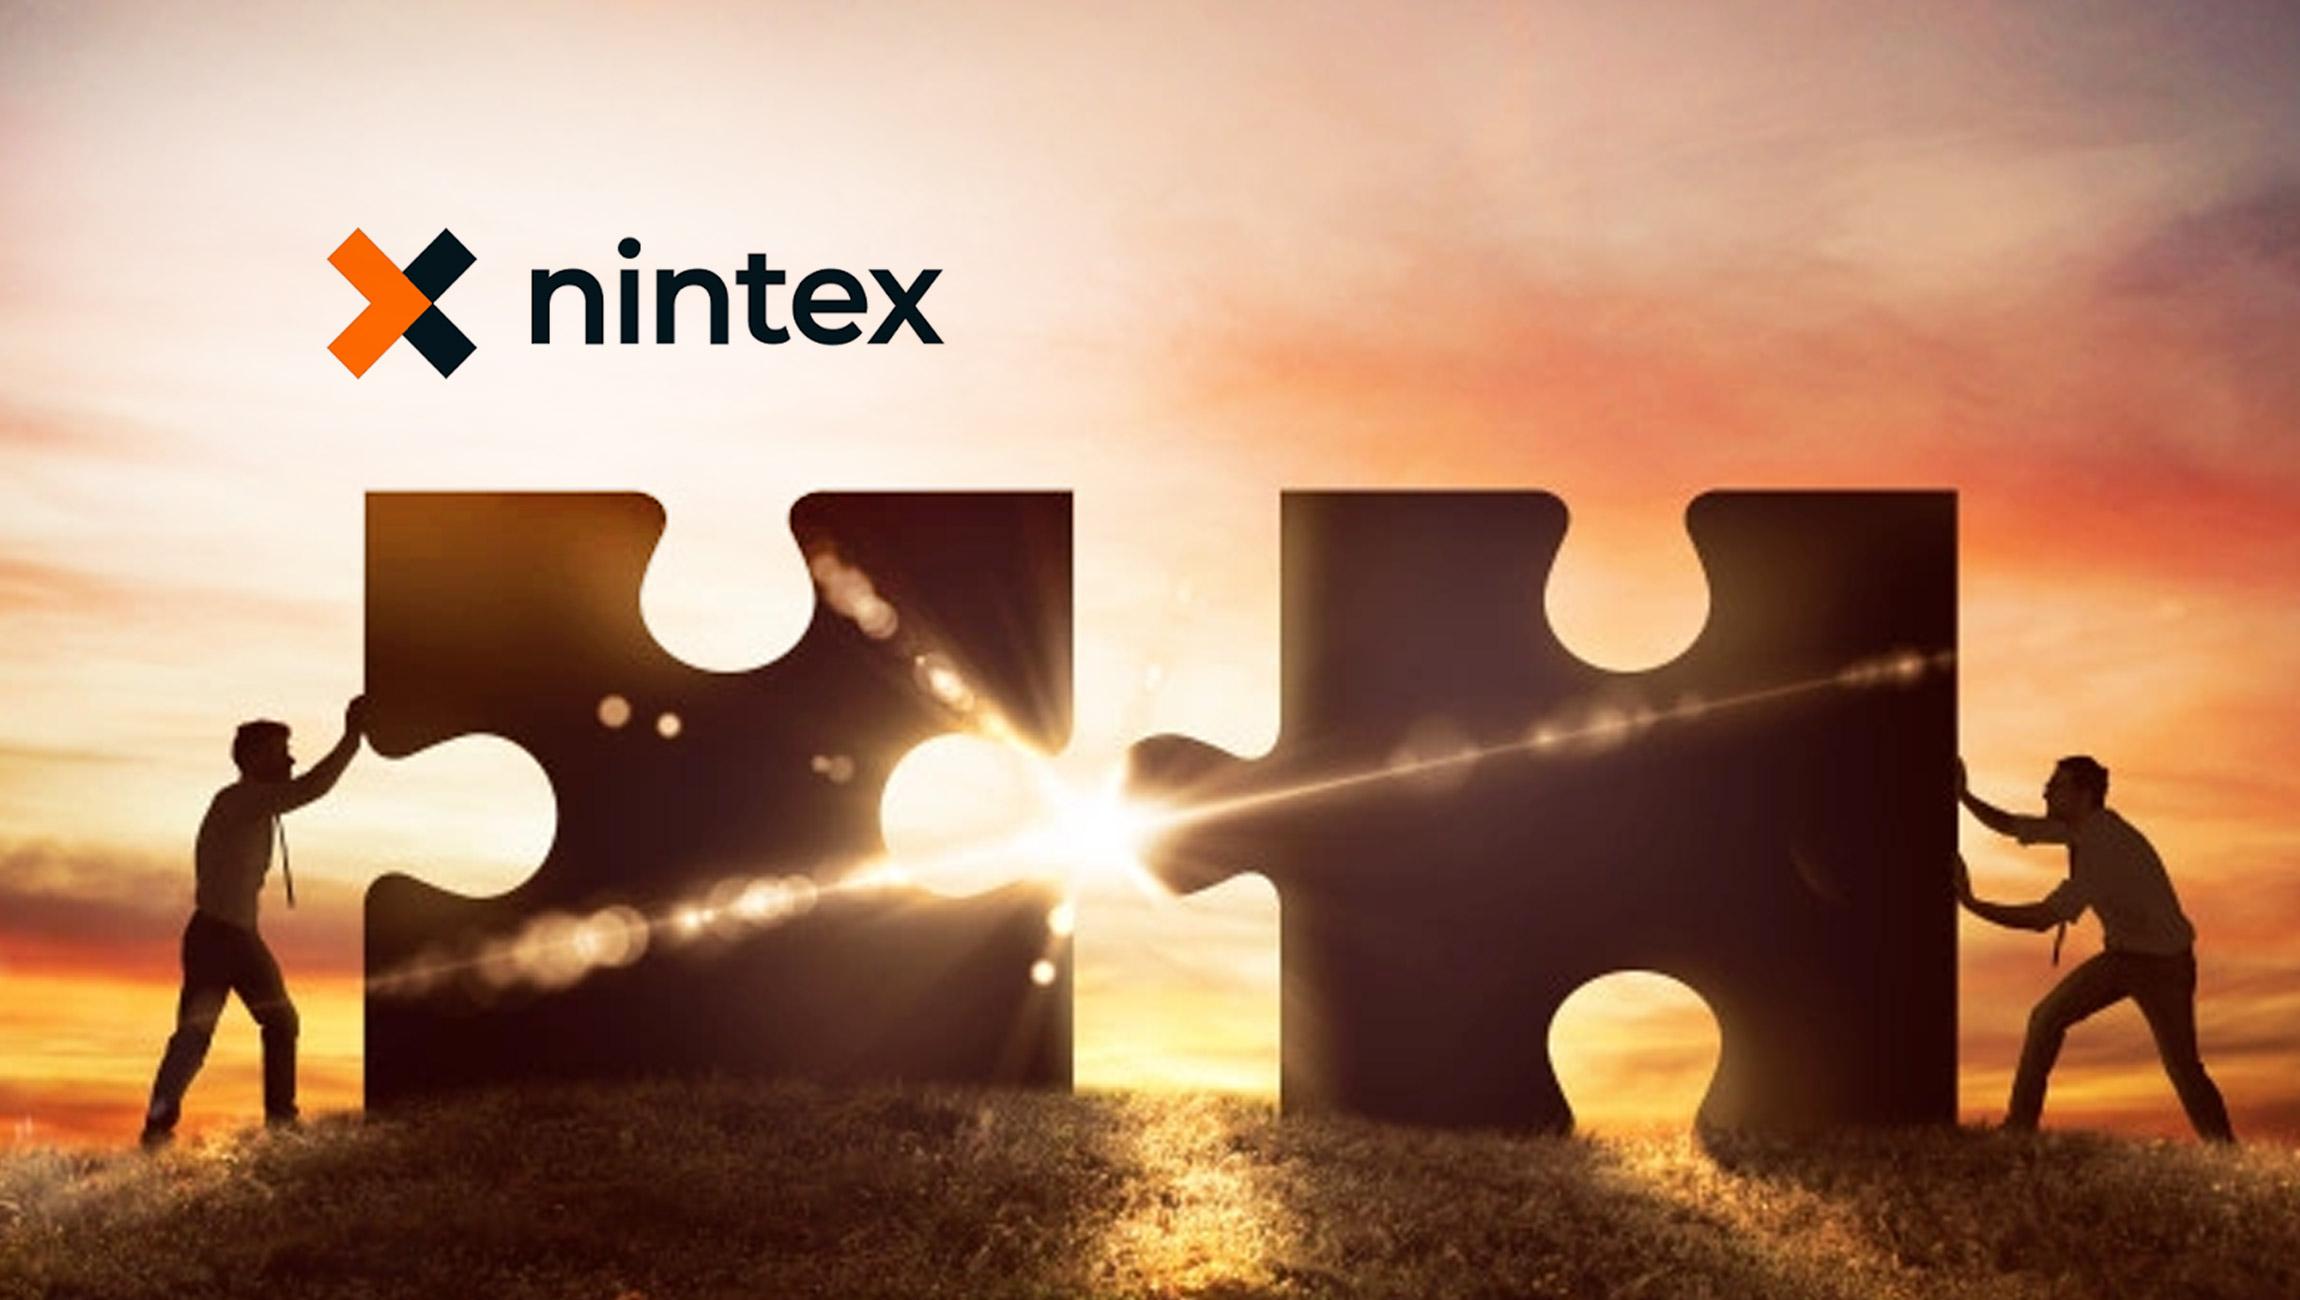 Nintex Acquires eSignature Leader AssureSign